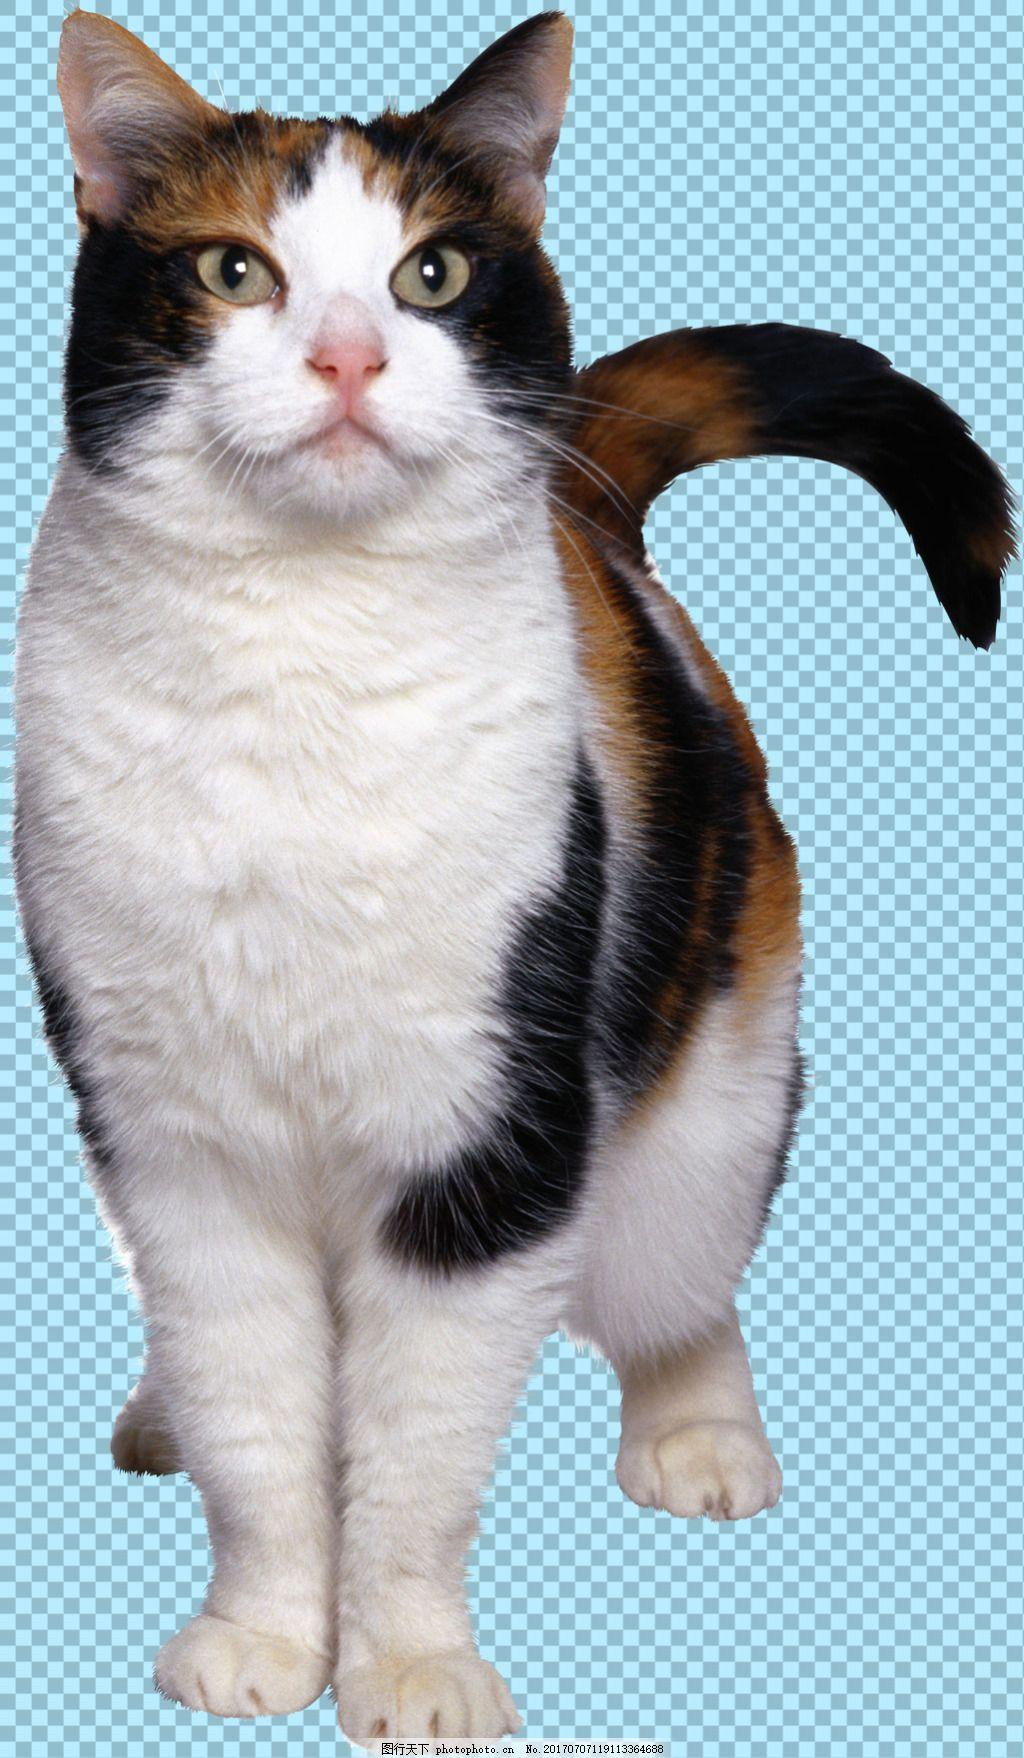 站立可爱小猫图片免抠png透明图层素材